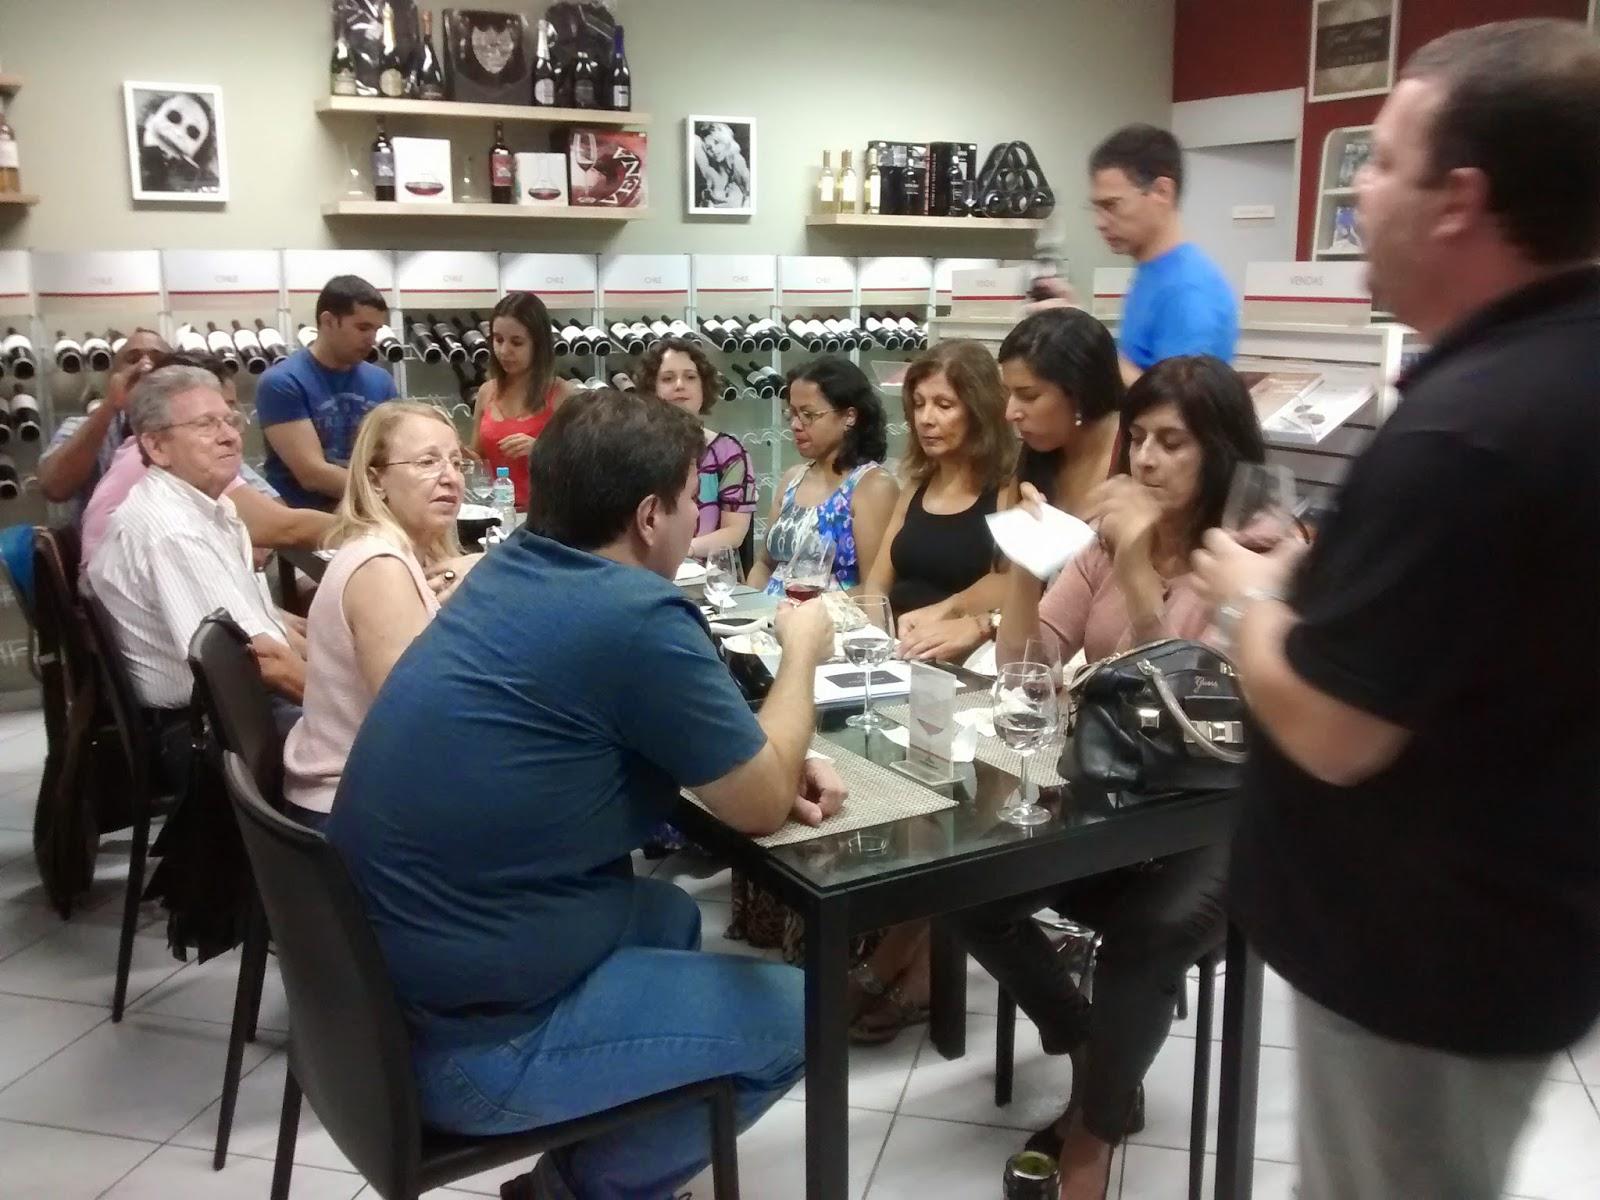 Serviço: Bardot - Vinhos e Artes Rua Barão de Mesquita, 978 A. Praça Verdun, Grajaú, Rio de Janeiro. contato@bardotvinhoseartes.com.br Telefone: (21) 2575-9395